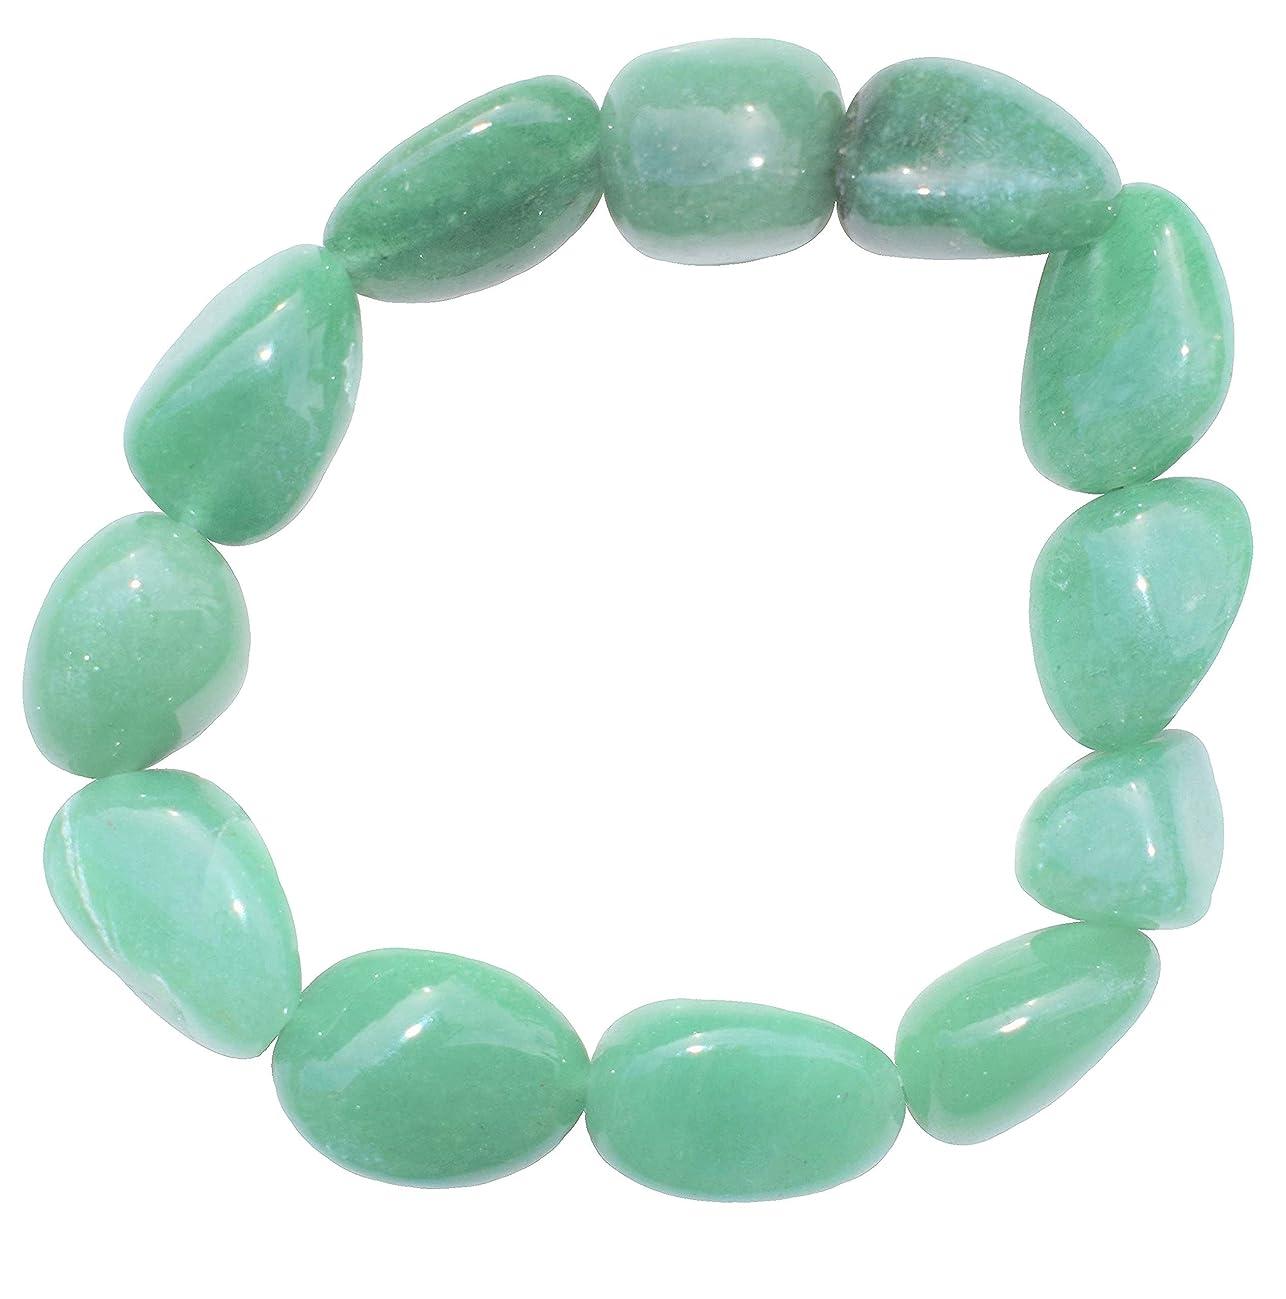 Zenergy Gems Charged Green Aventurine Crystal Bracelet Tumble Polished Stretchy (GAIN Creativity, Courage, Independence, Prosperity - BALANCES Emotions) [Reiki]